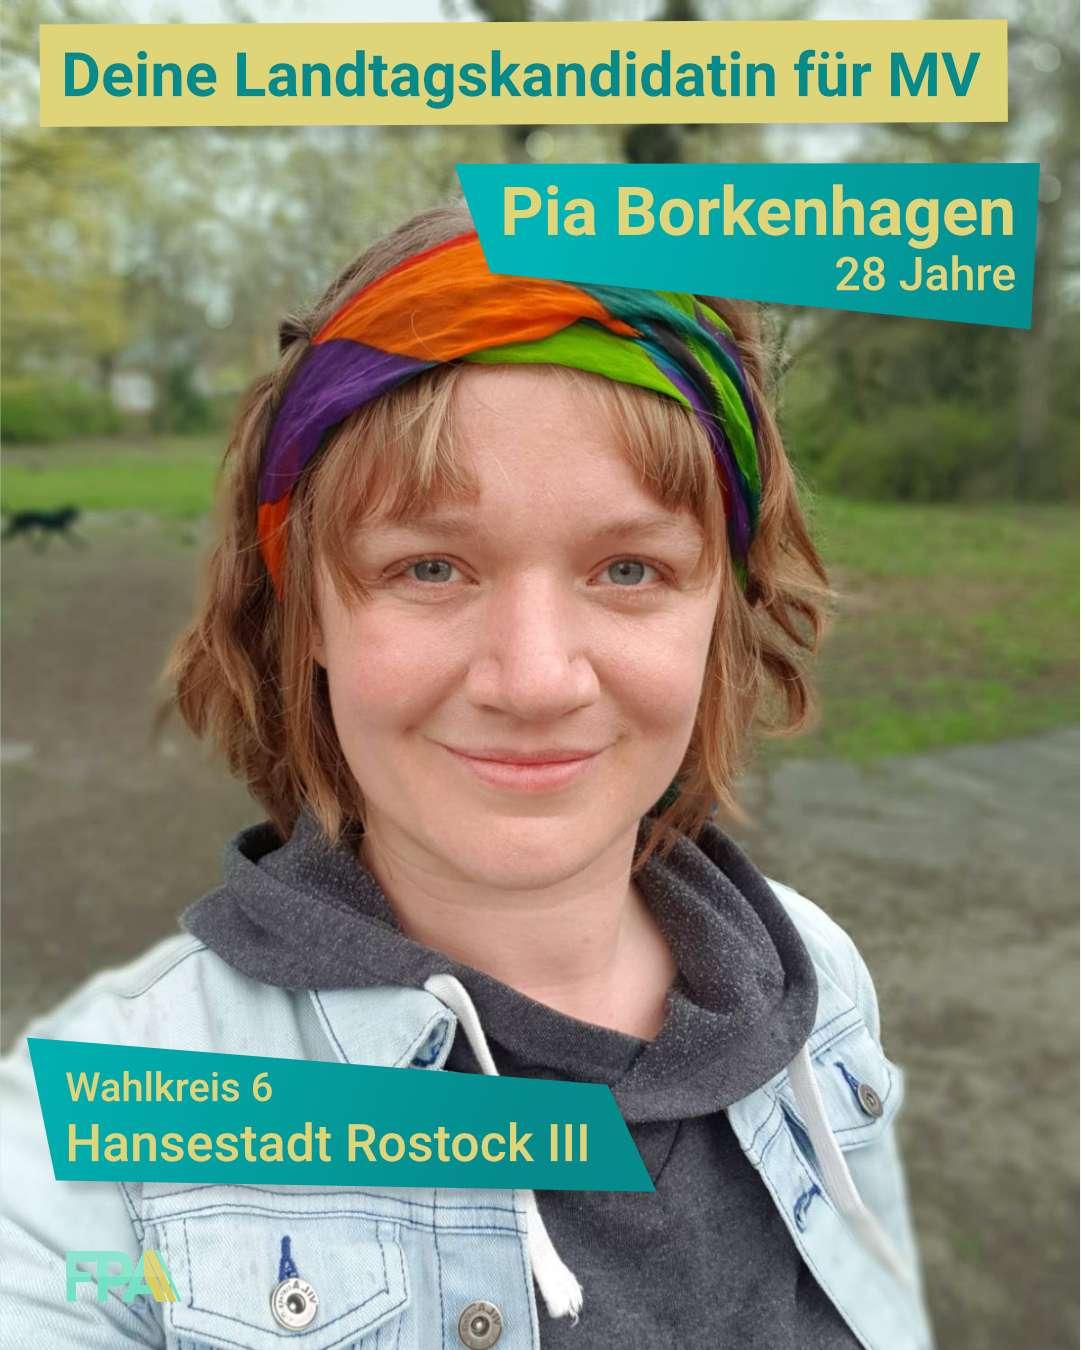 Pia Borkenhagen